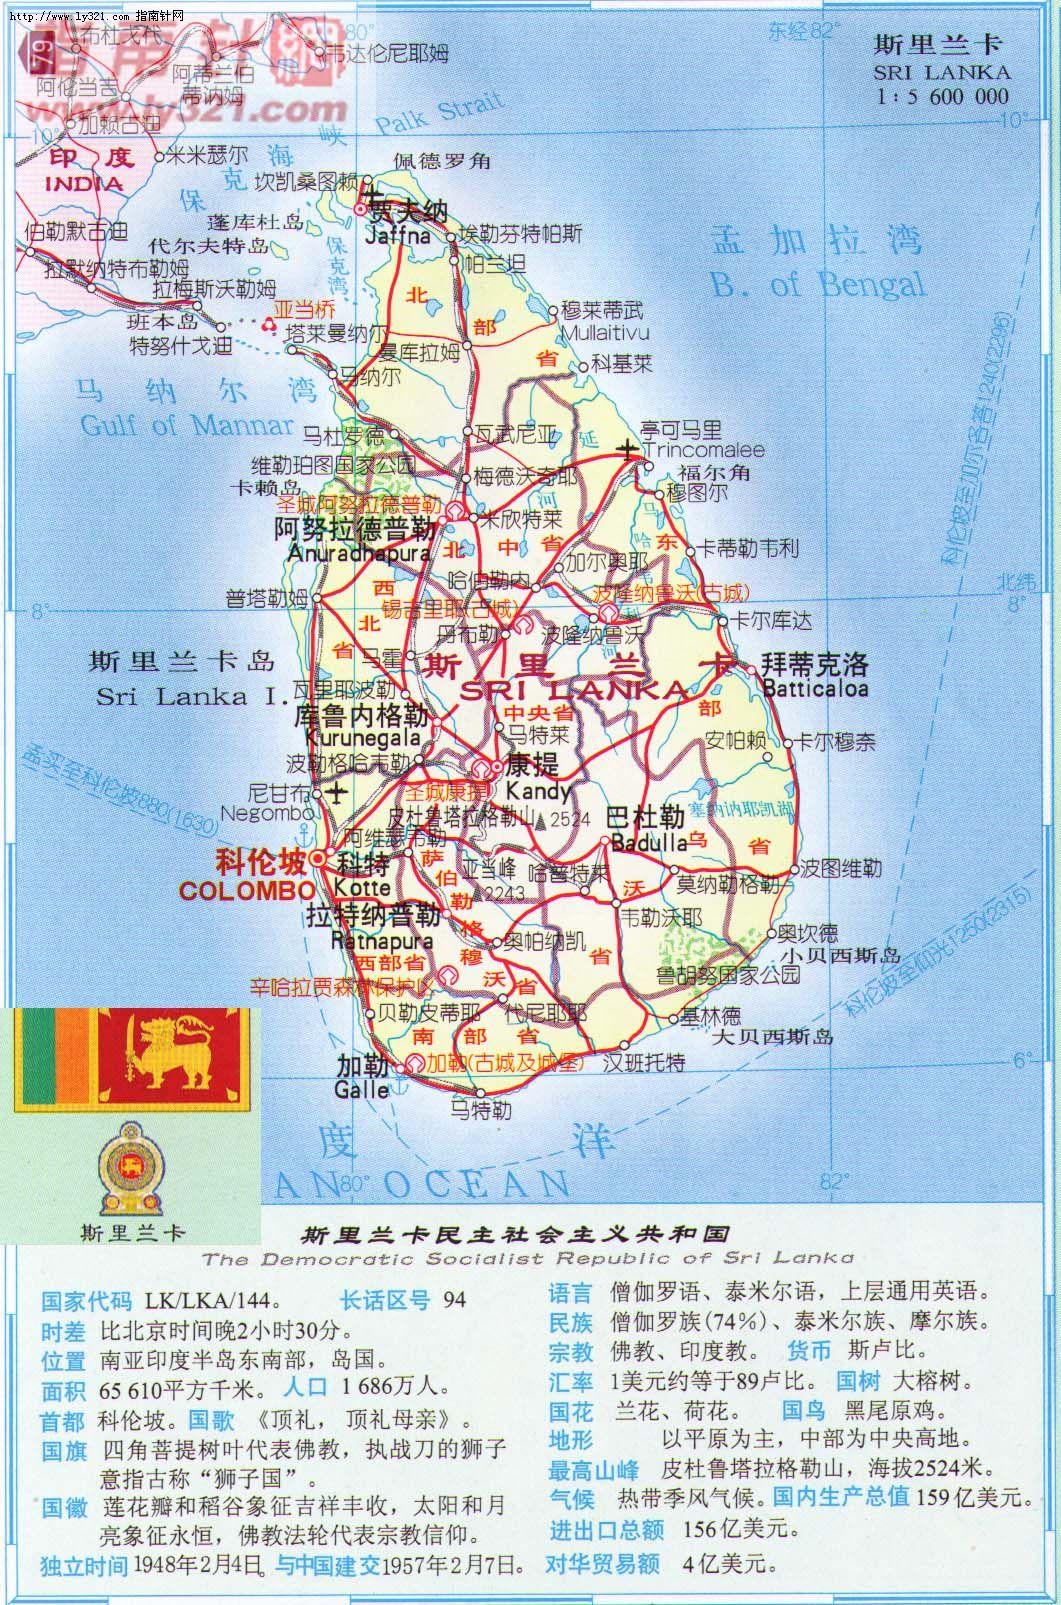 哈萨克斯坦中文地图_斯里兰卡地图_斯里兰卡地图库